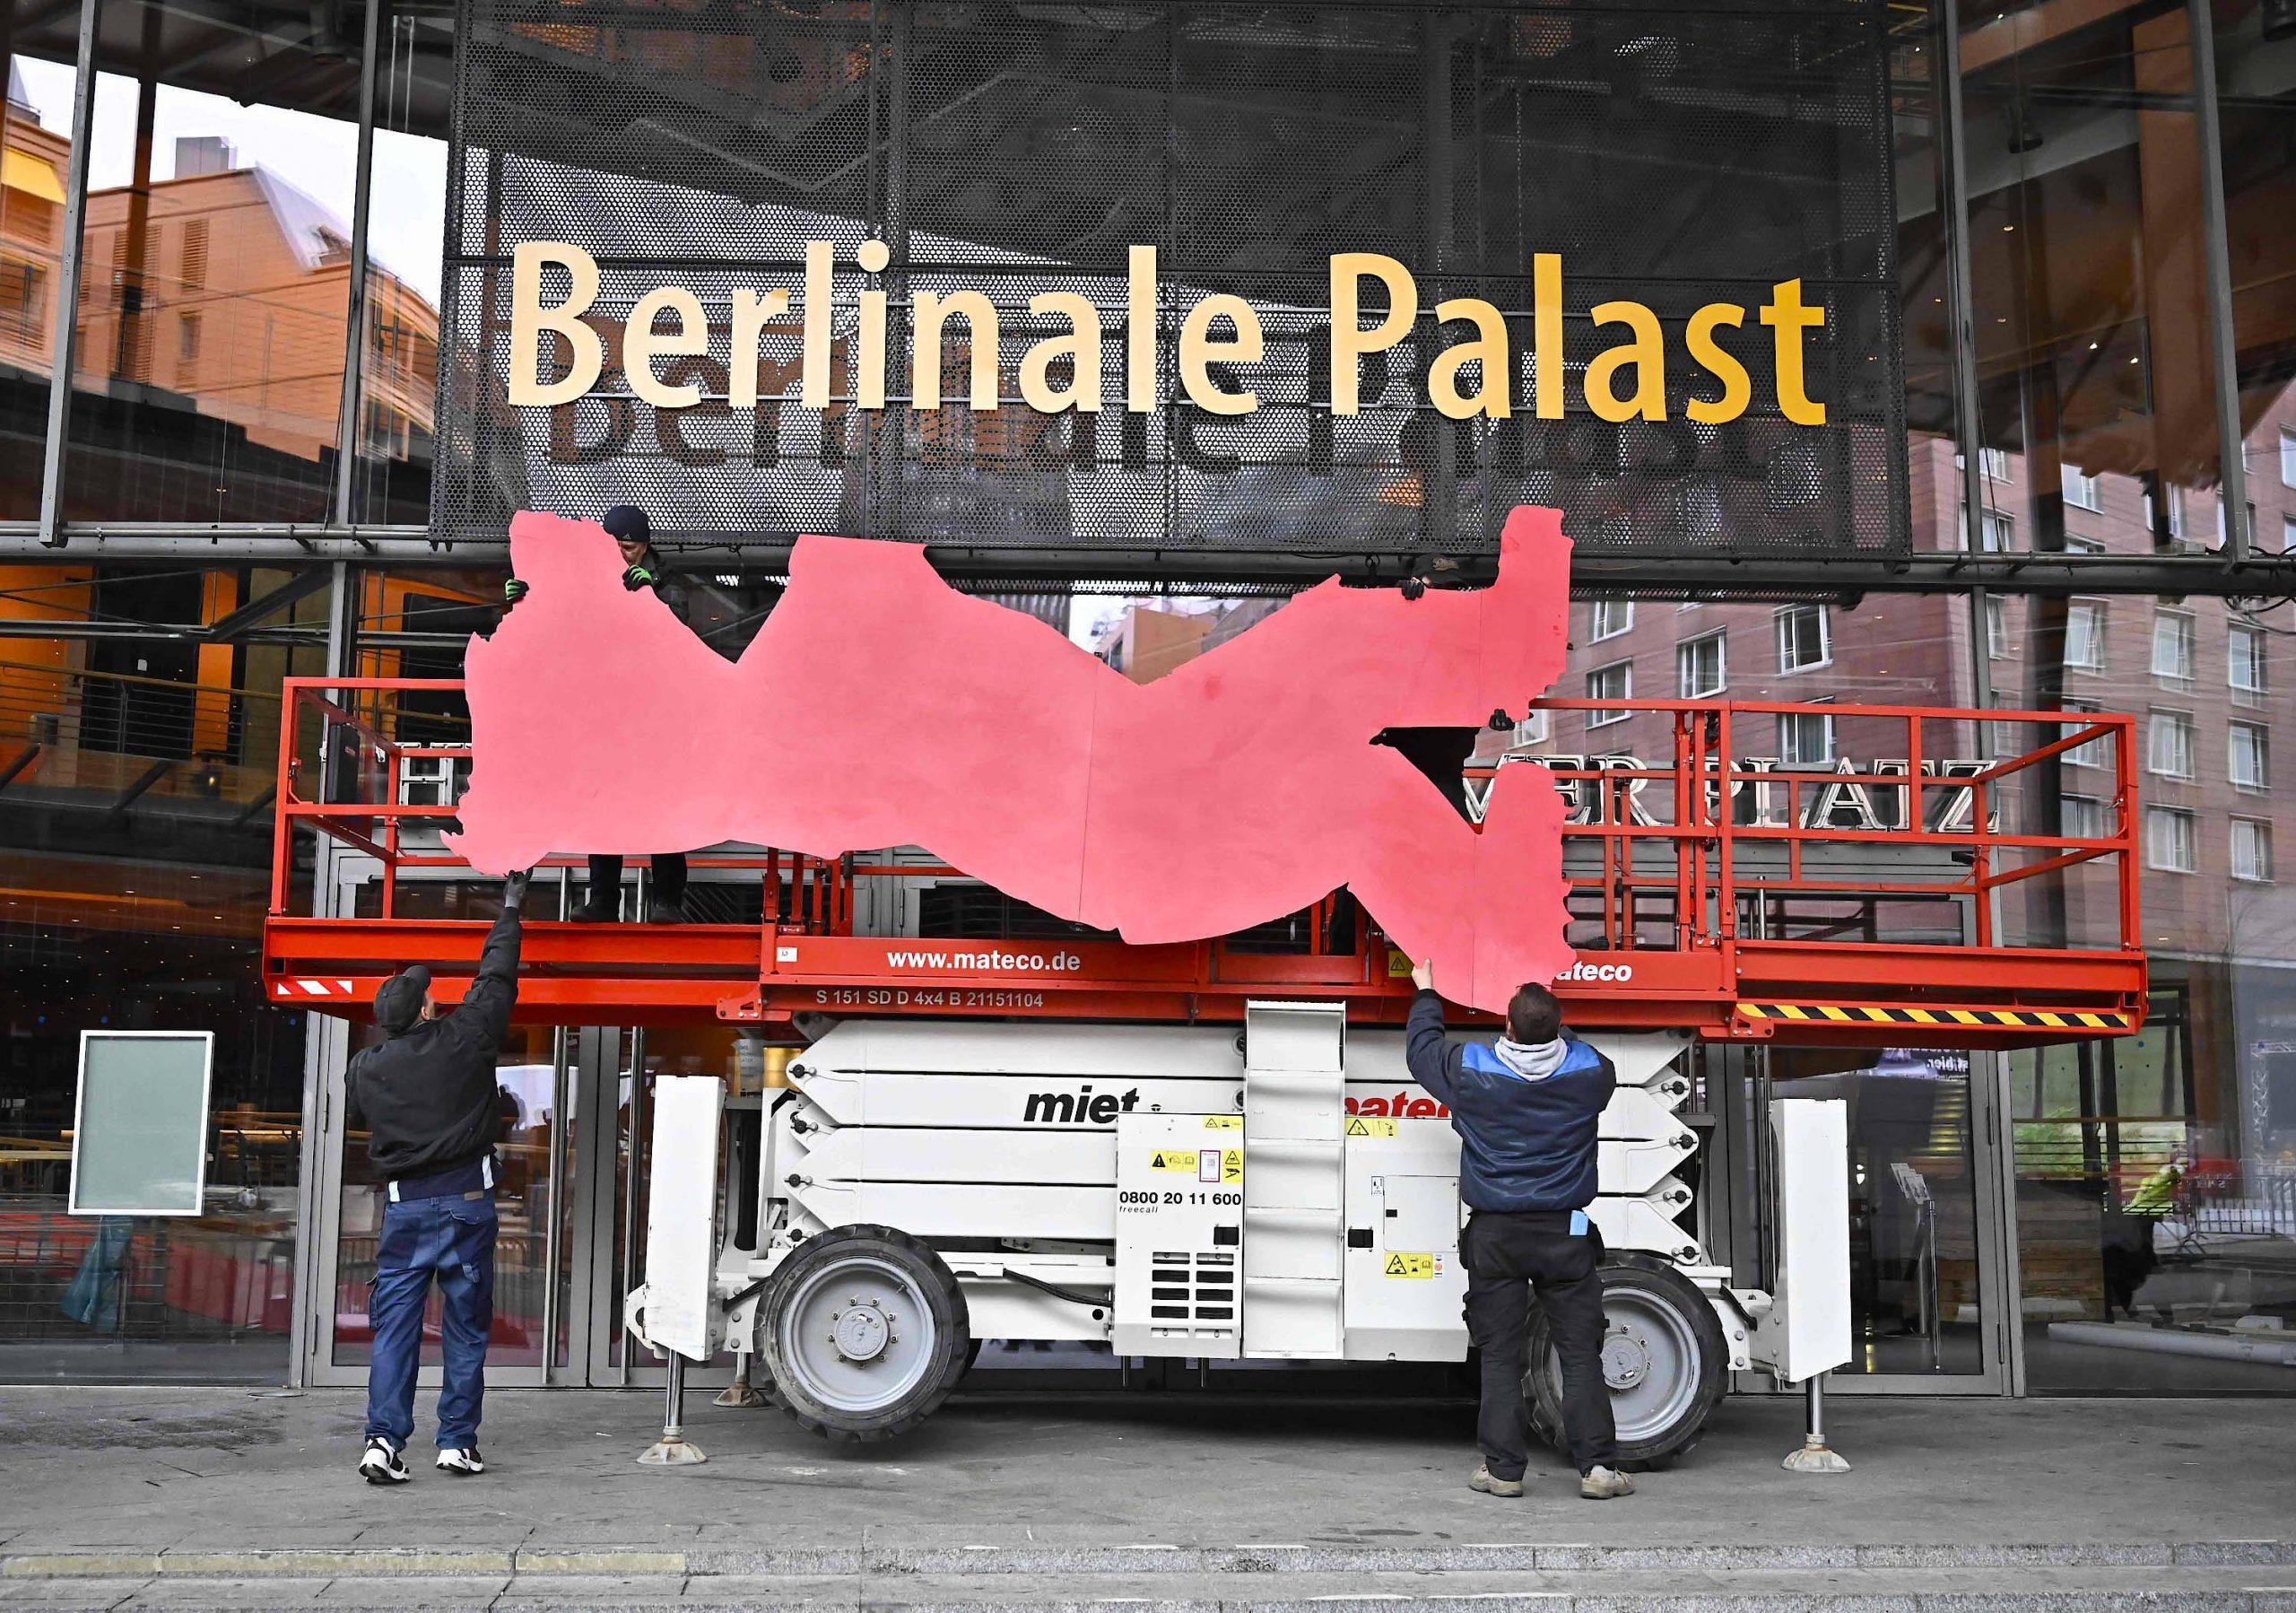 Während der Filmfestspiele soll das rote Emblem den Berlinale Palast am Potsdamer Platz zieren. Am Sonntag wurde es montiert.